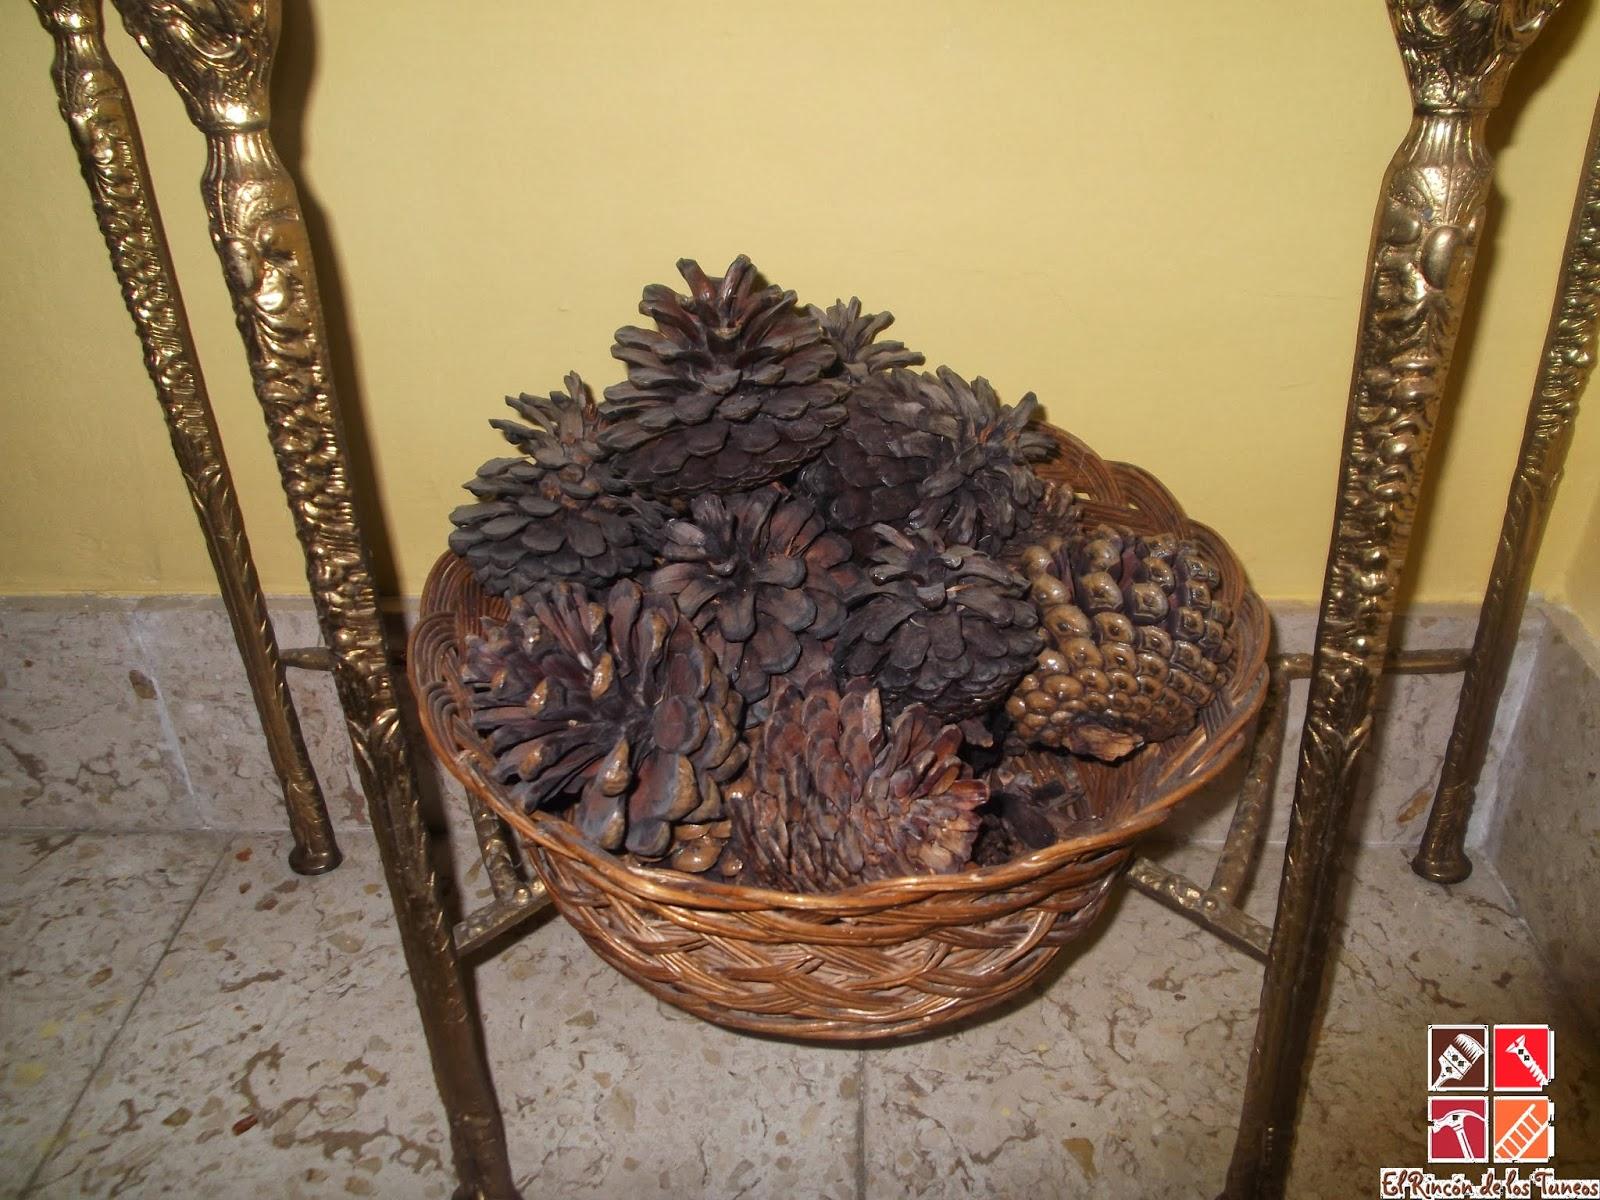 El rinc n de los tuneos te puedo ayudar como limpiar - Reciclar cestas de mimbre ...